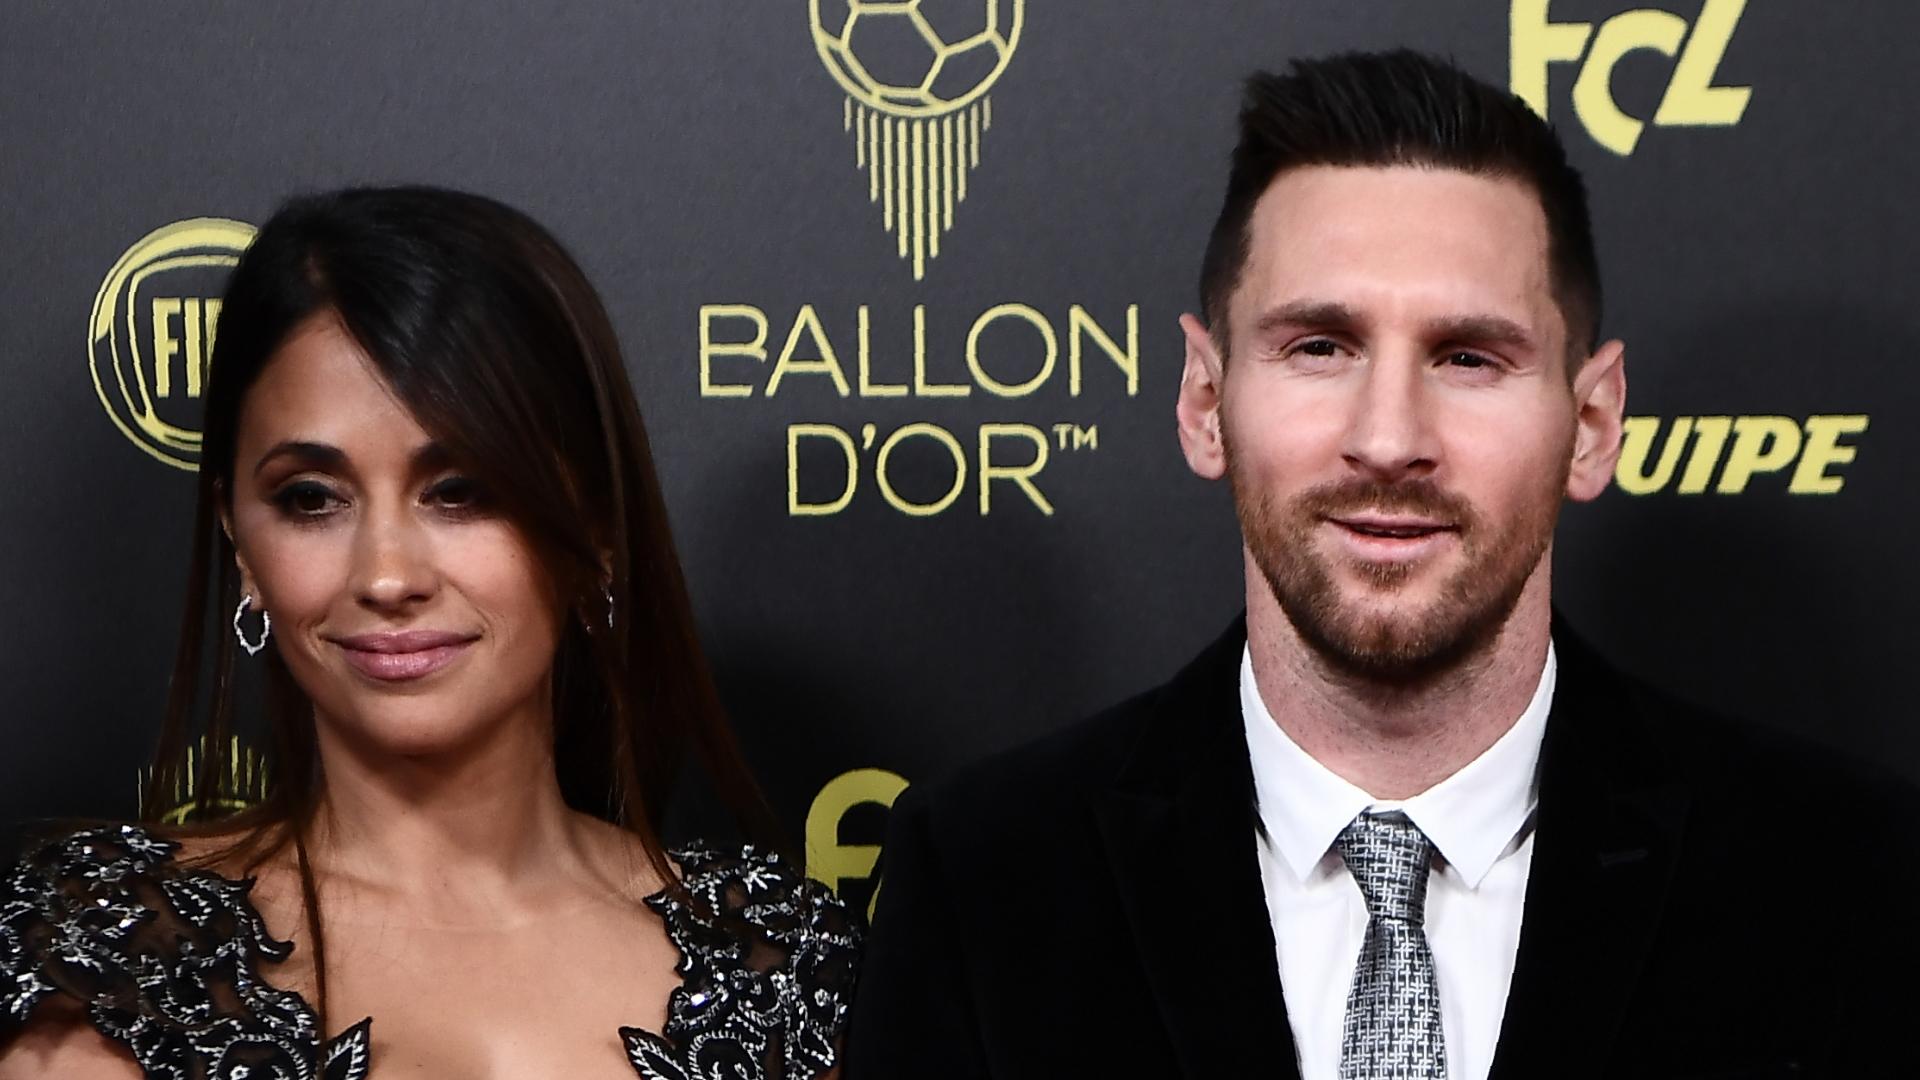 Barcelona star Messi claims record sixth Ballon d'Or ahead of Van Dijk, Ronaldo